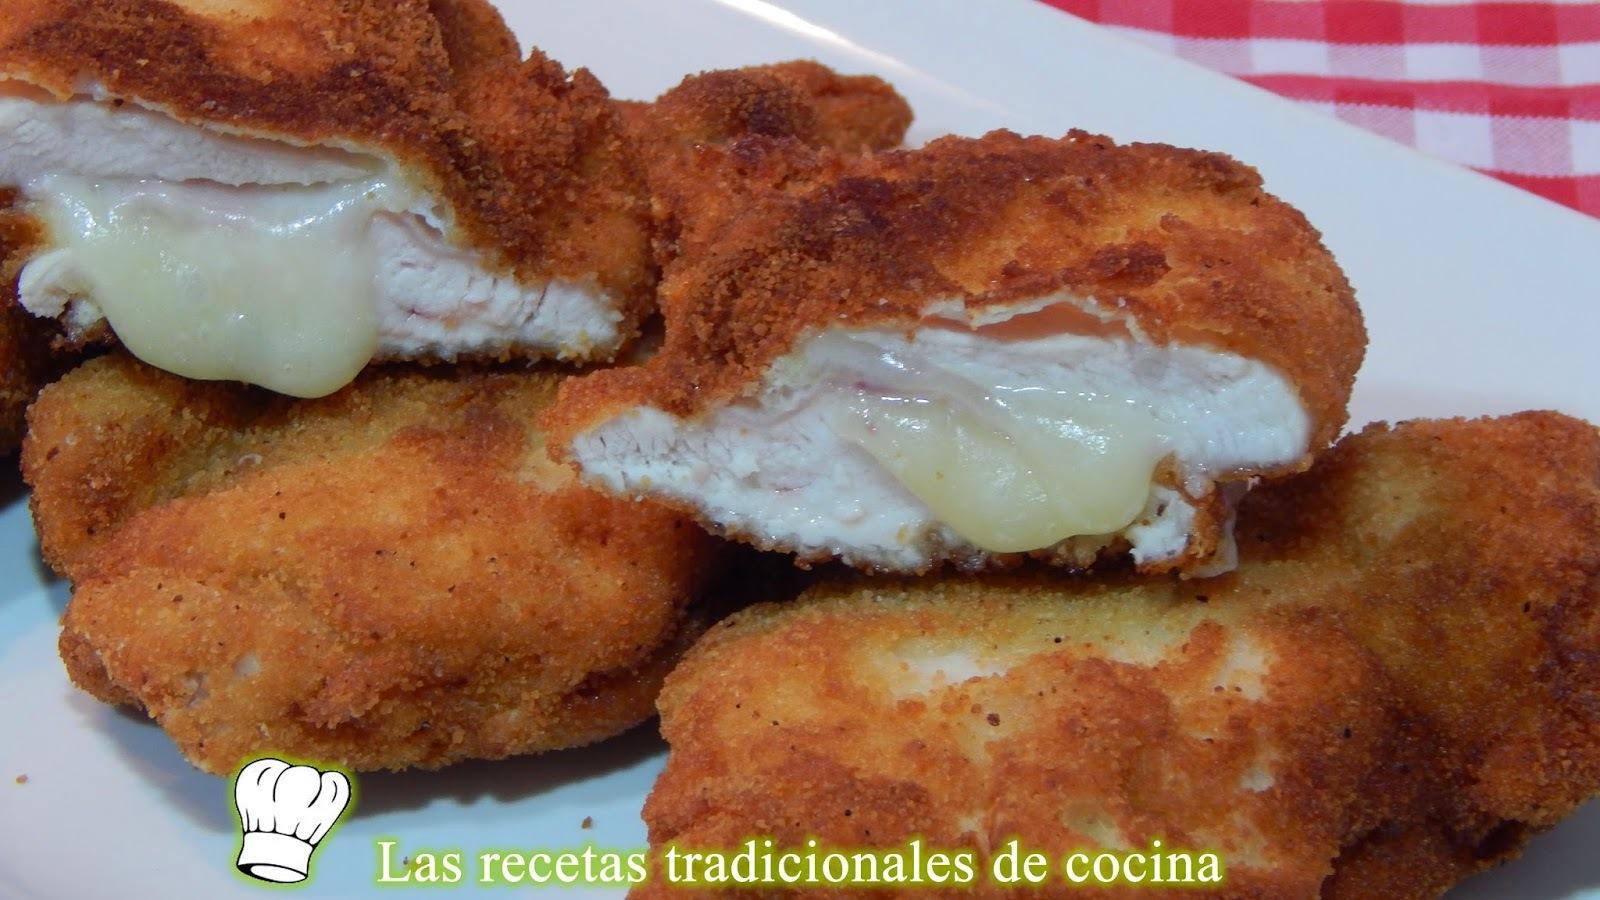 Pechugas de pollo rellenas receta fácil y rápida